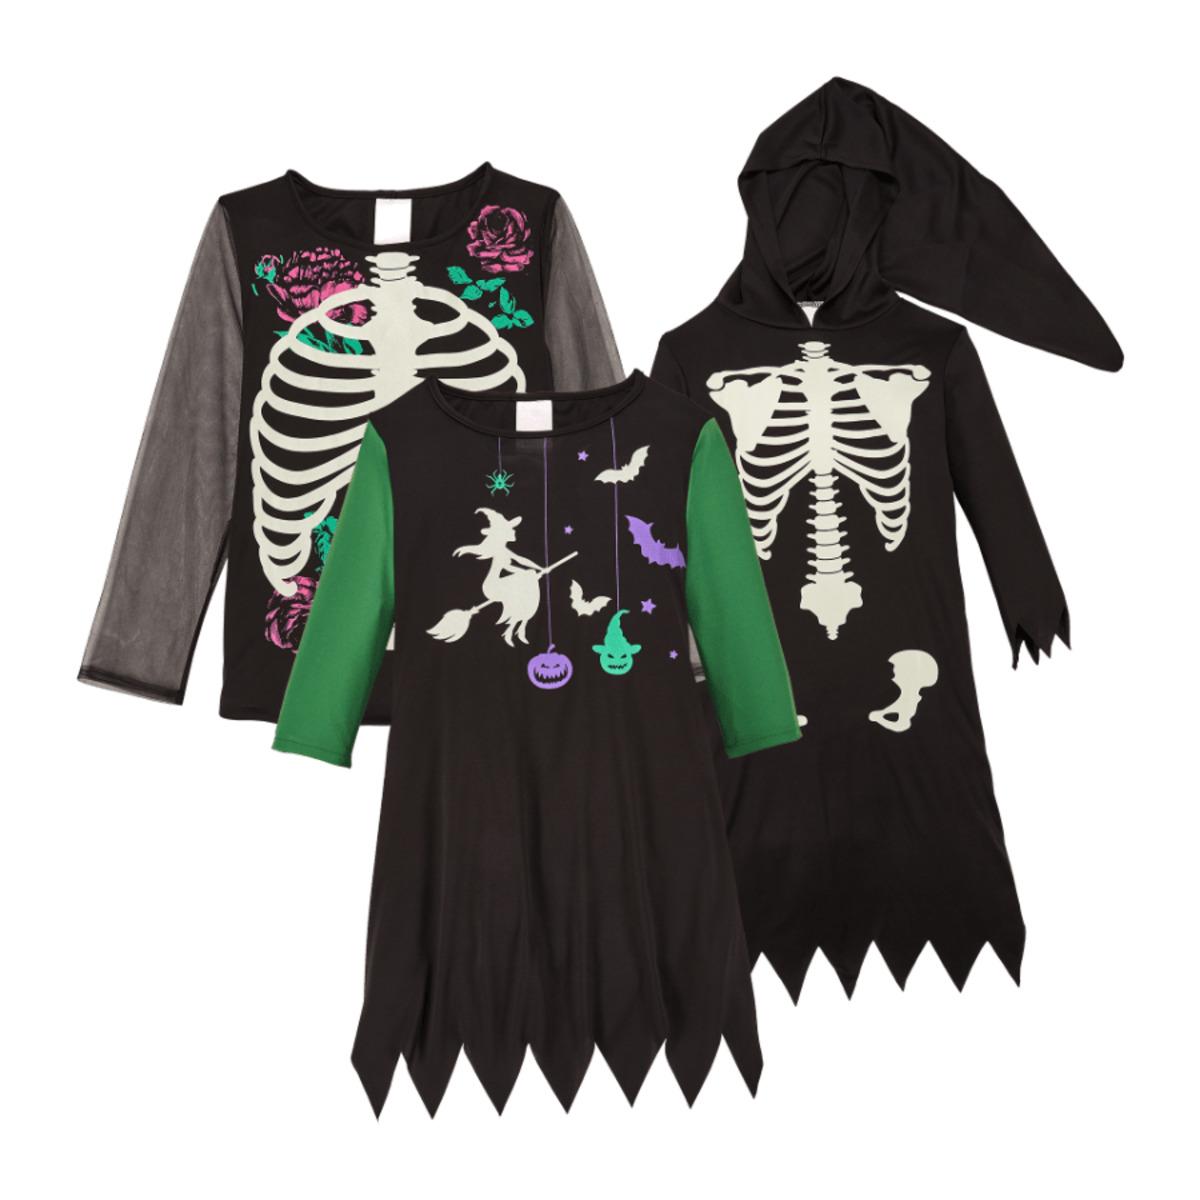 Bild 1 von POCOPIANO     Halloween Kostüm